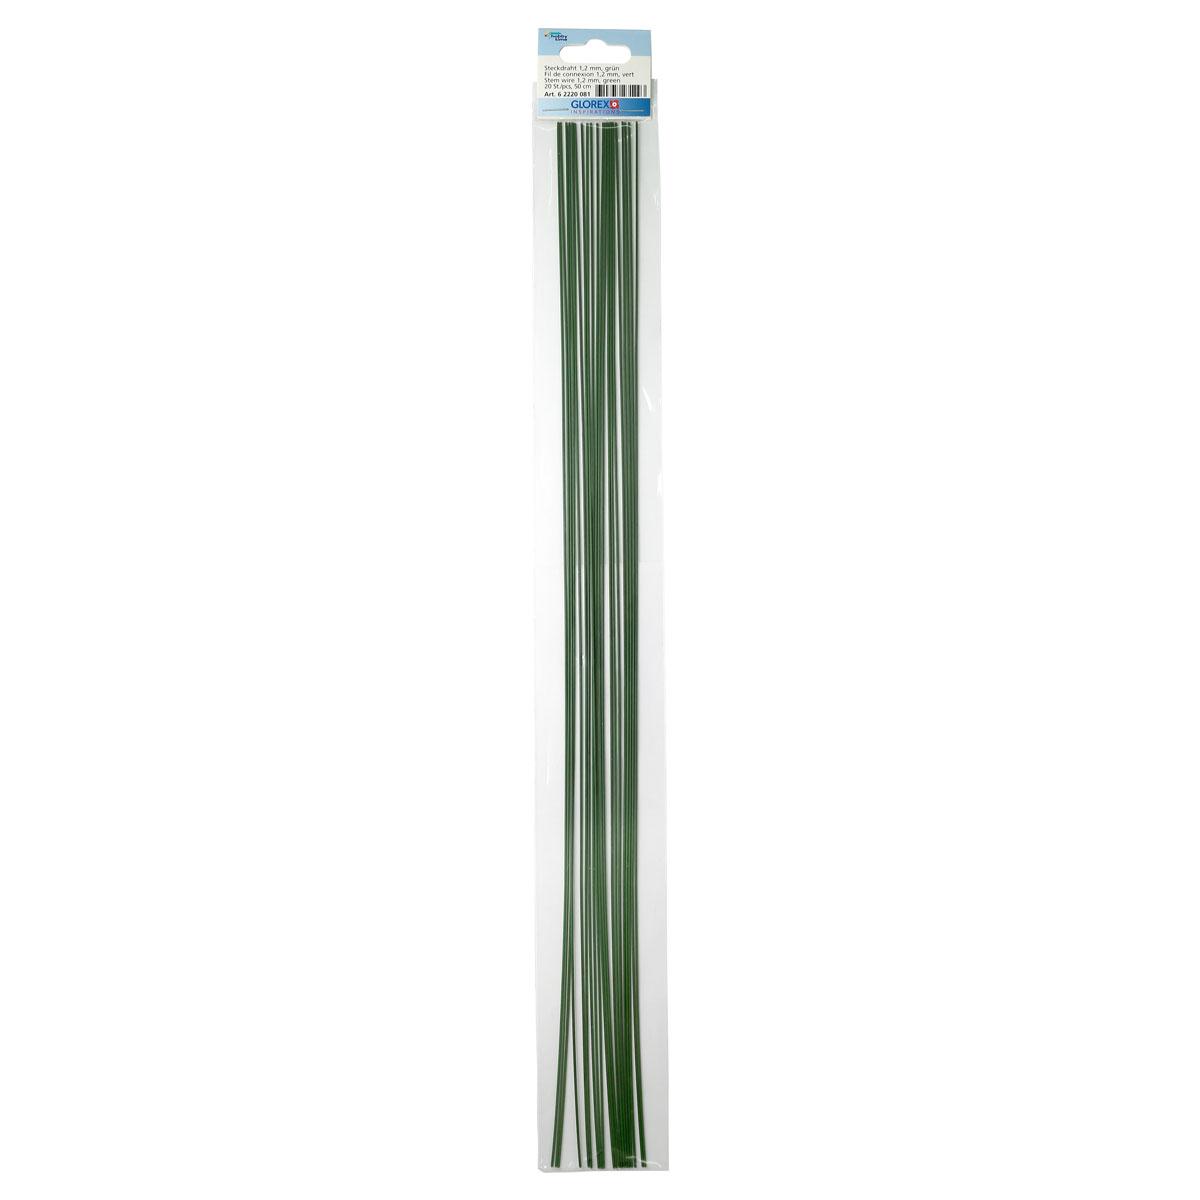 62220081 Проволока, зеленый цв. 1,20мм Glorex